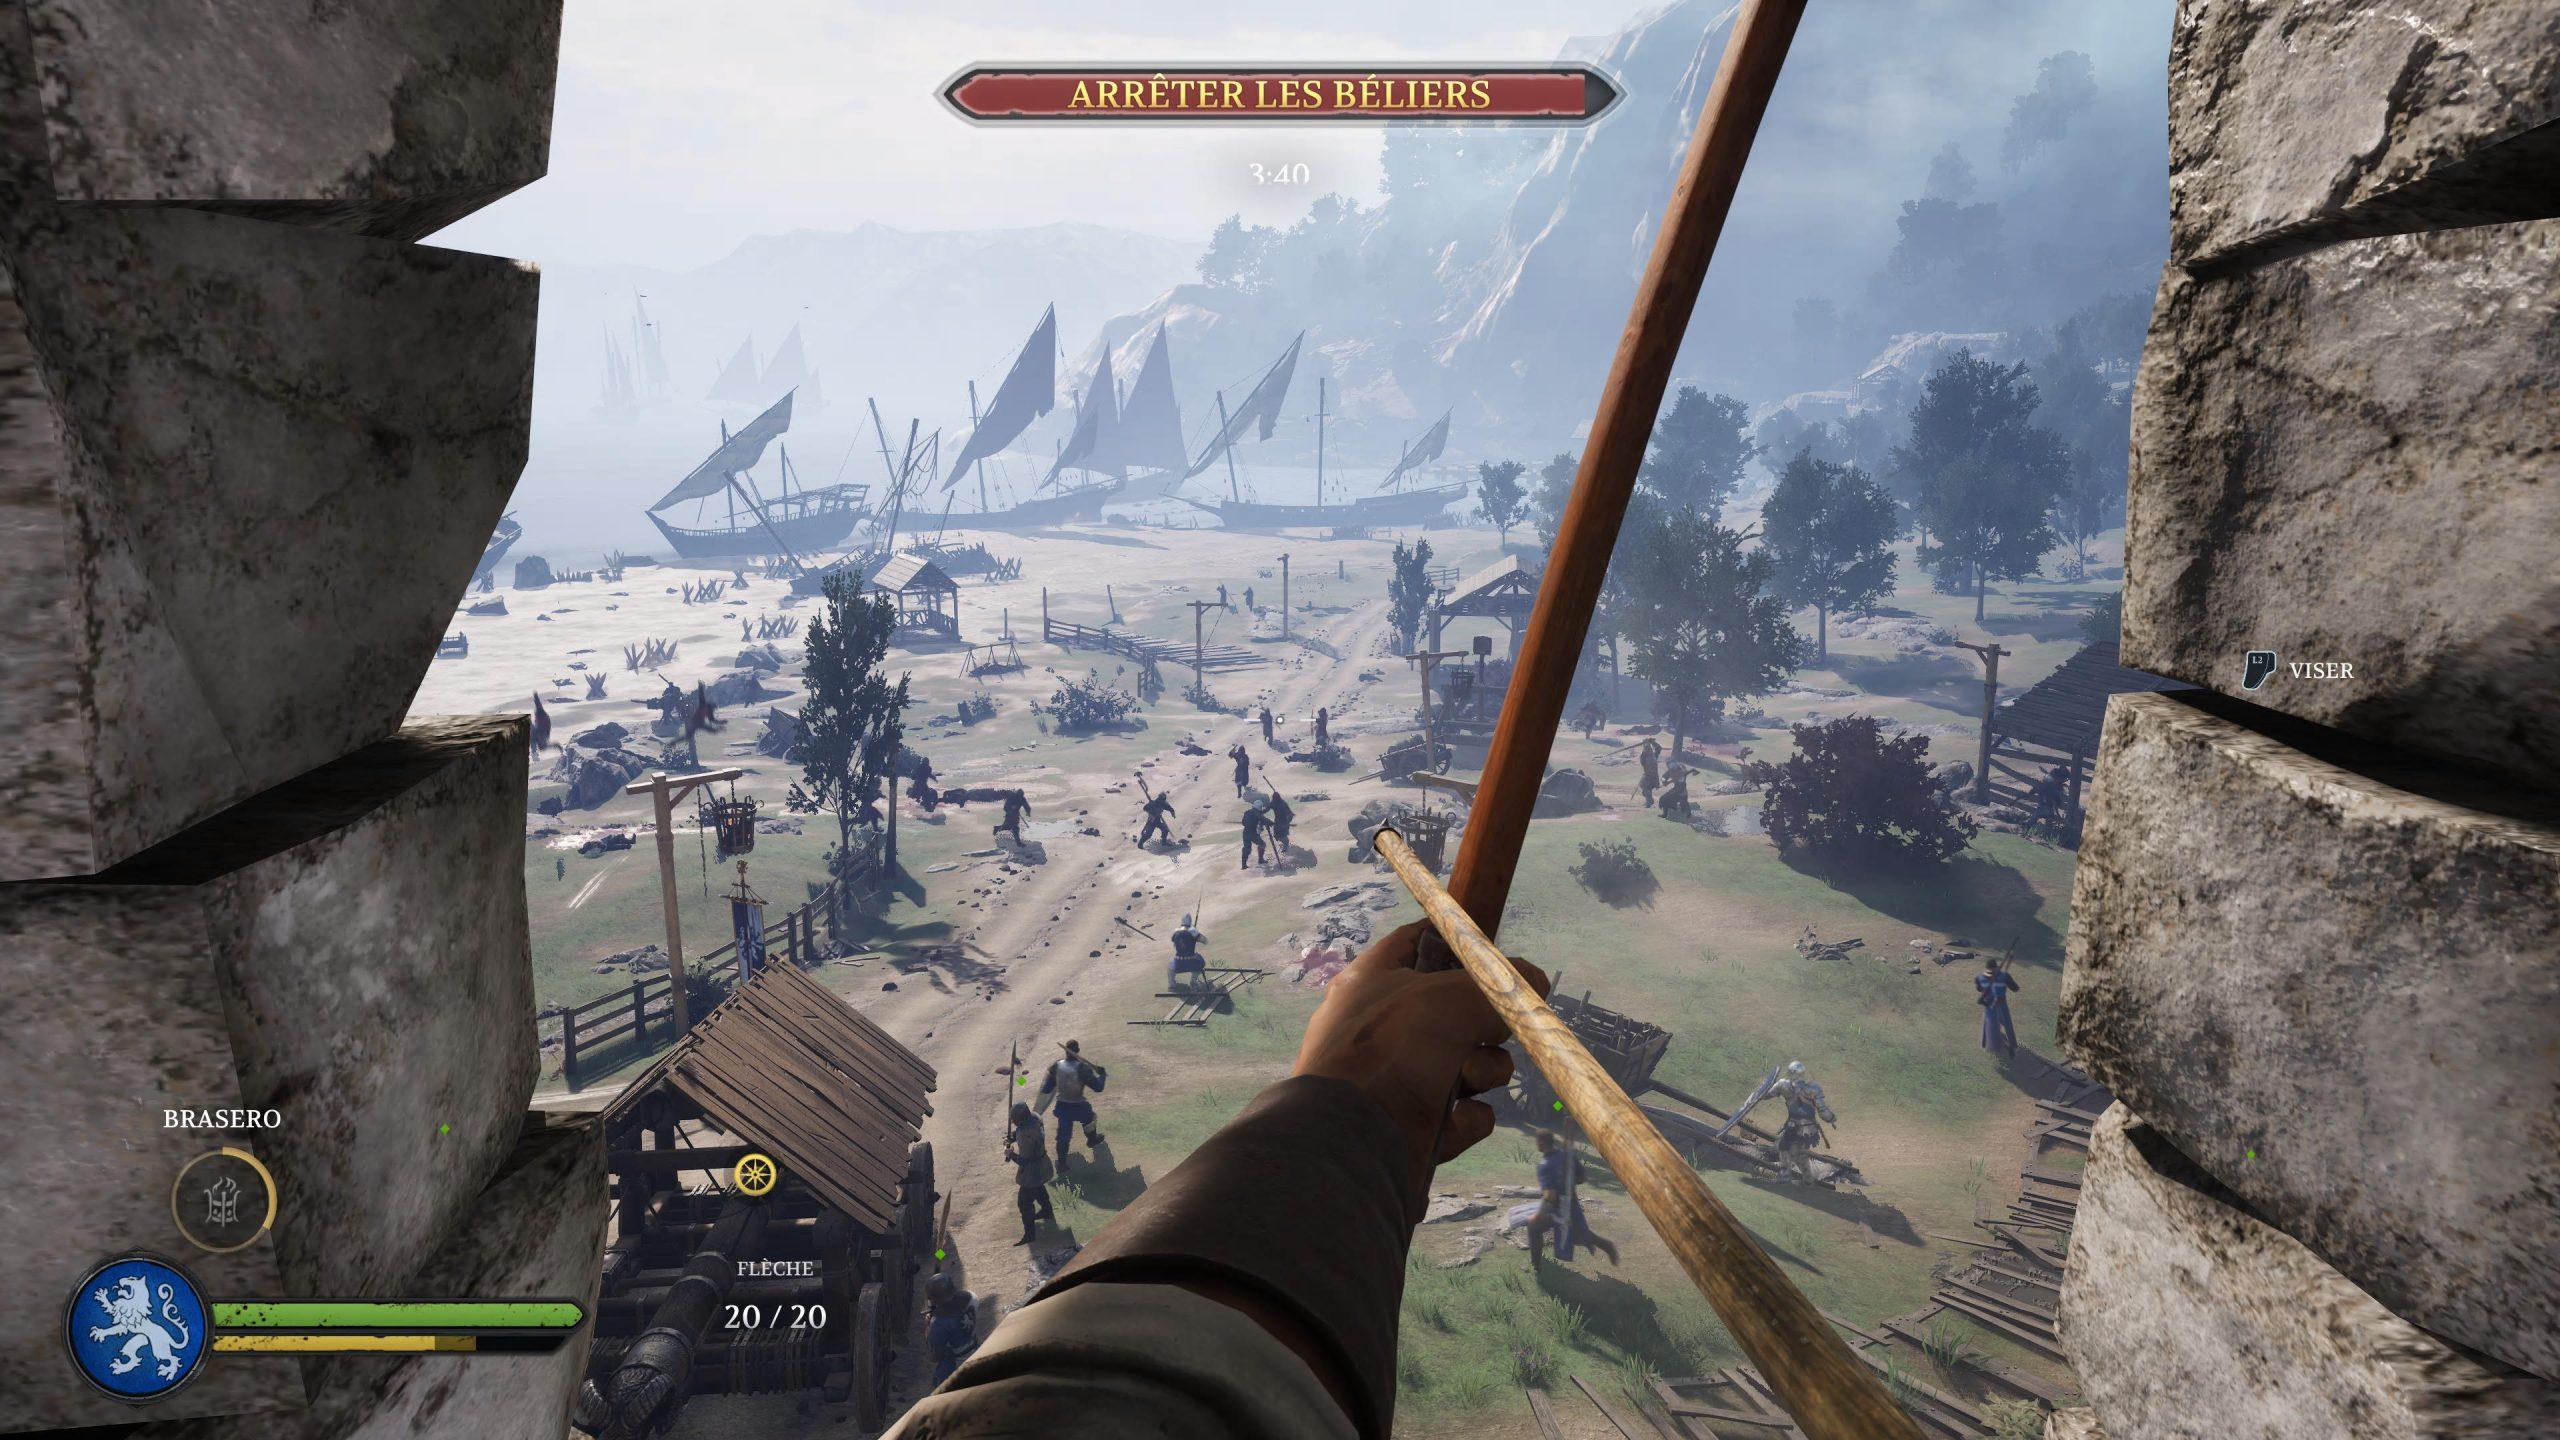 test chivalry 2 screenshot archer